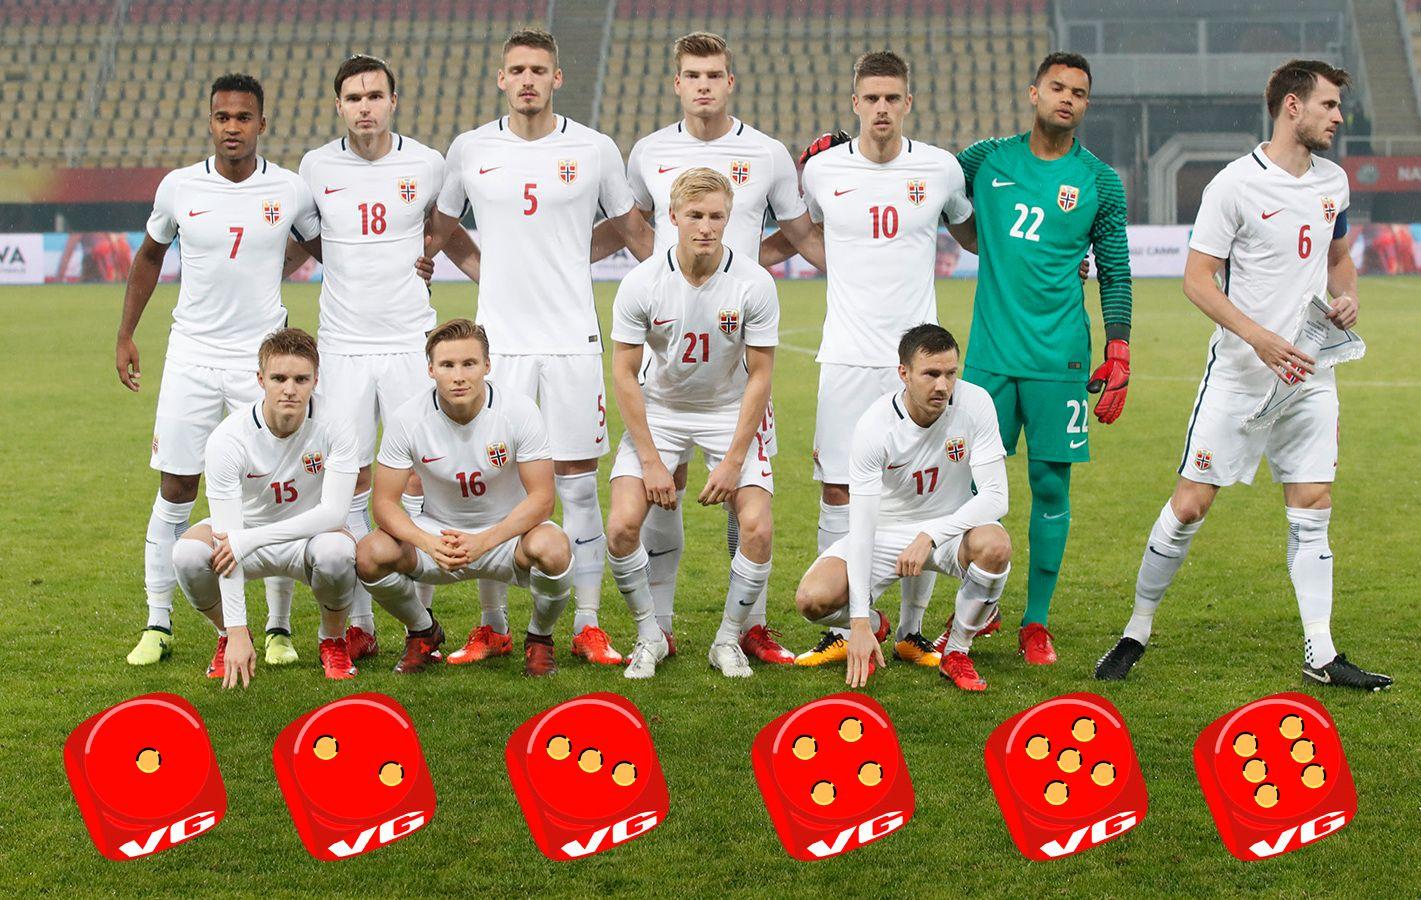 KARAKTERBOK: VG har vurdert de 33 spillerne som har fått spille under Lars Lagerbäck i 2017. Her er lagbildet før kampen mot Makedonia. Grafikk: Knut Arne Hansen.